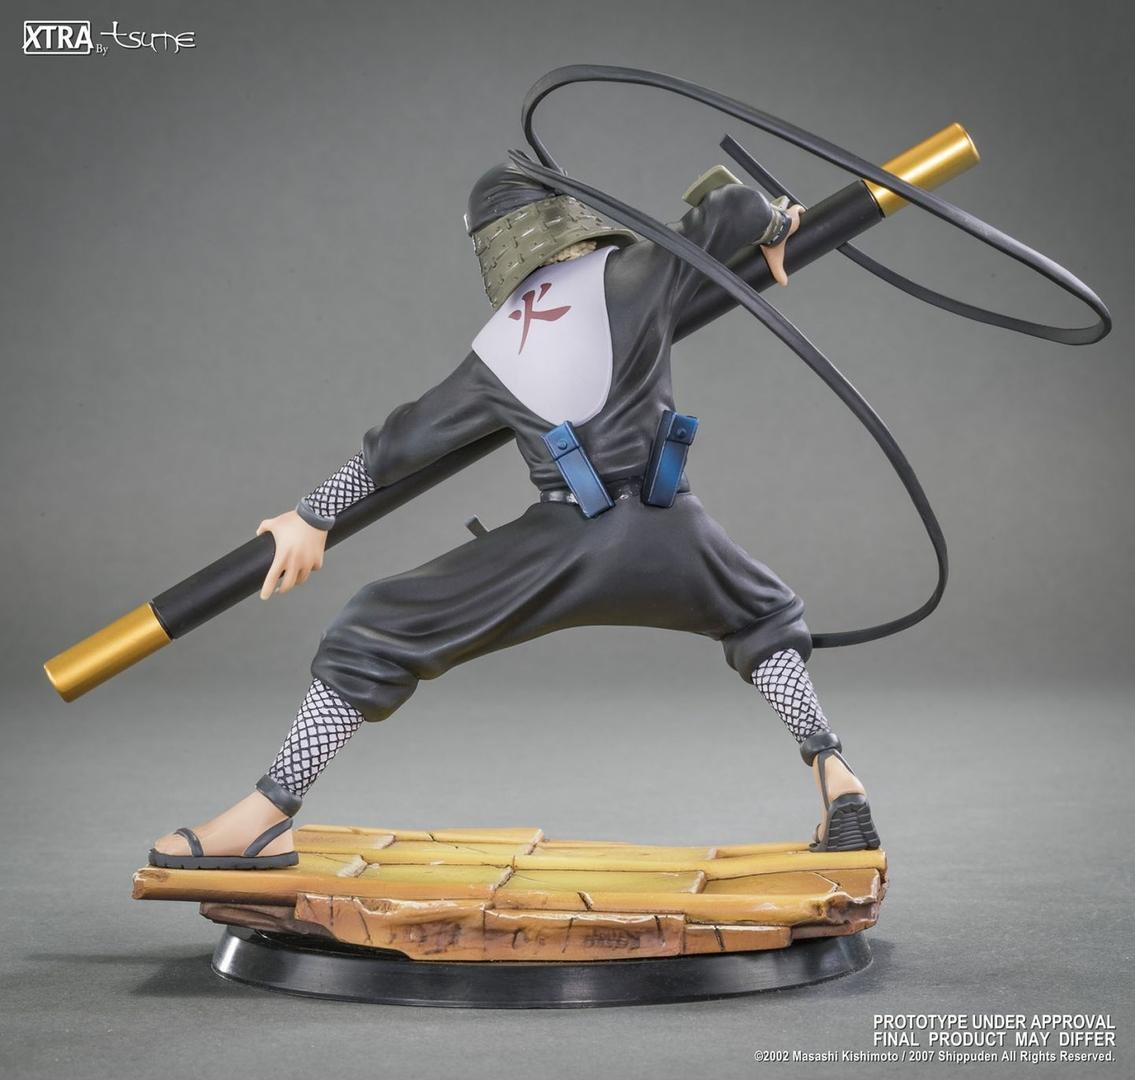 Statuette Naruto Shippuden Hiruzen Sarutobi Xtra Tsume 16cm 1001 Figurines 5